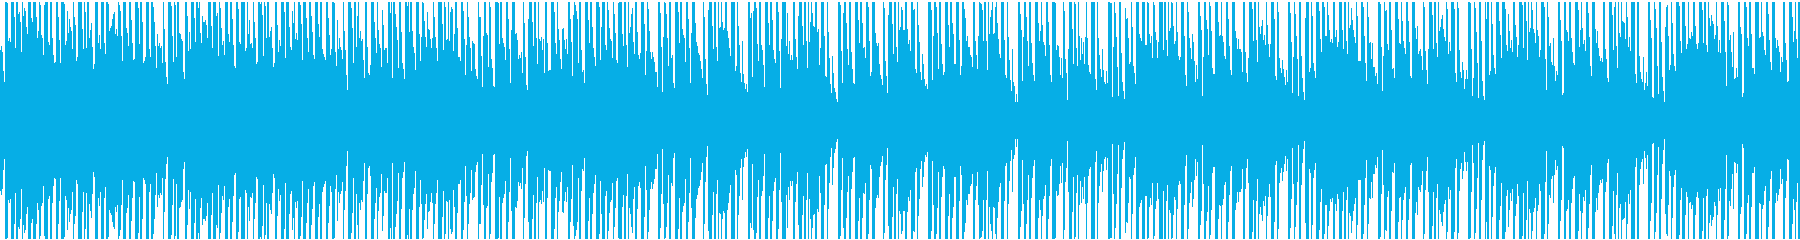 明るい日常ゲームのタイトル曲の再生済みの波形